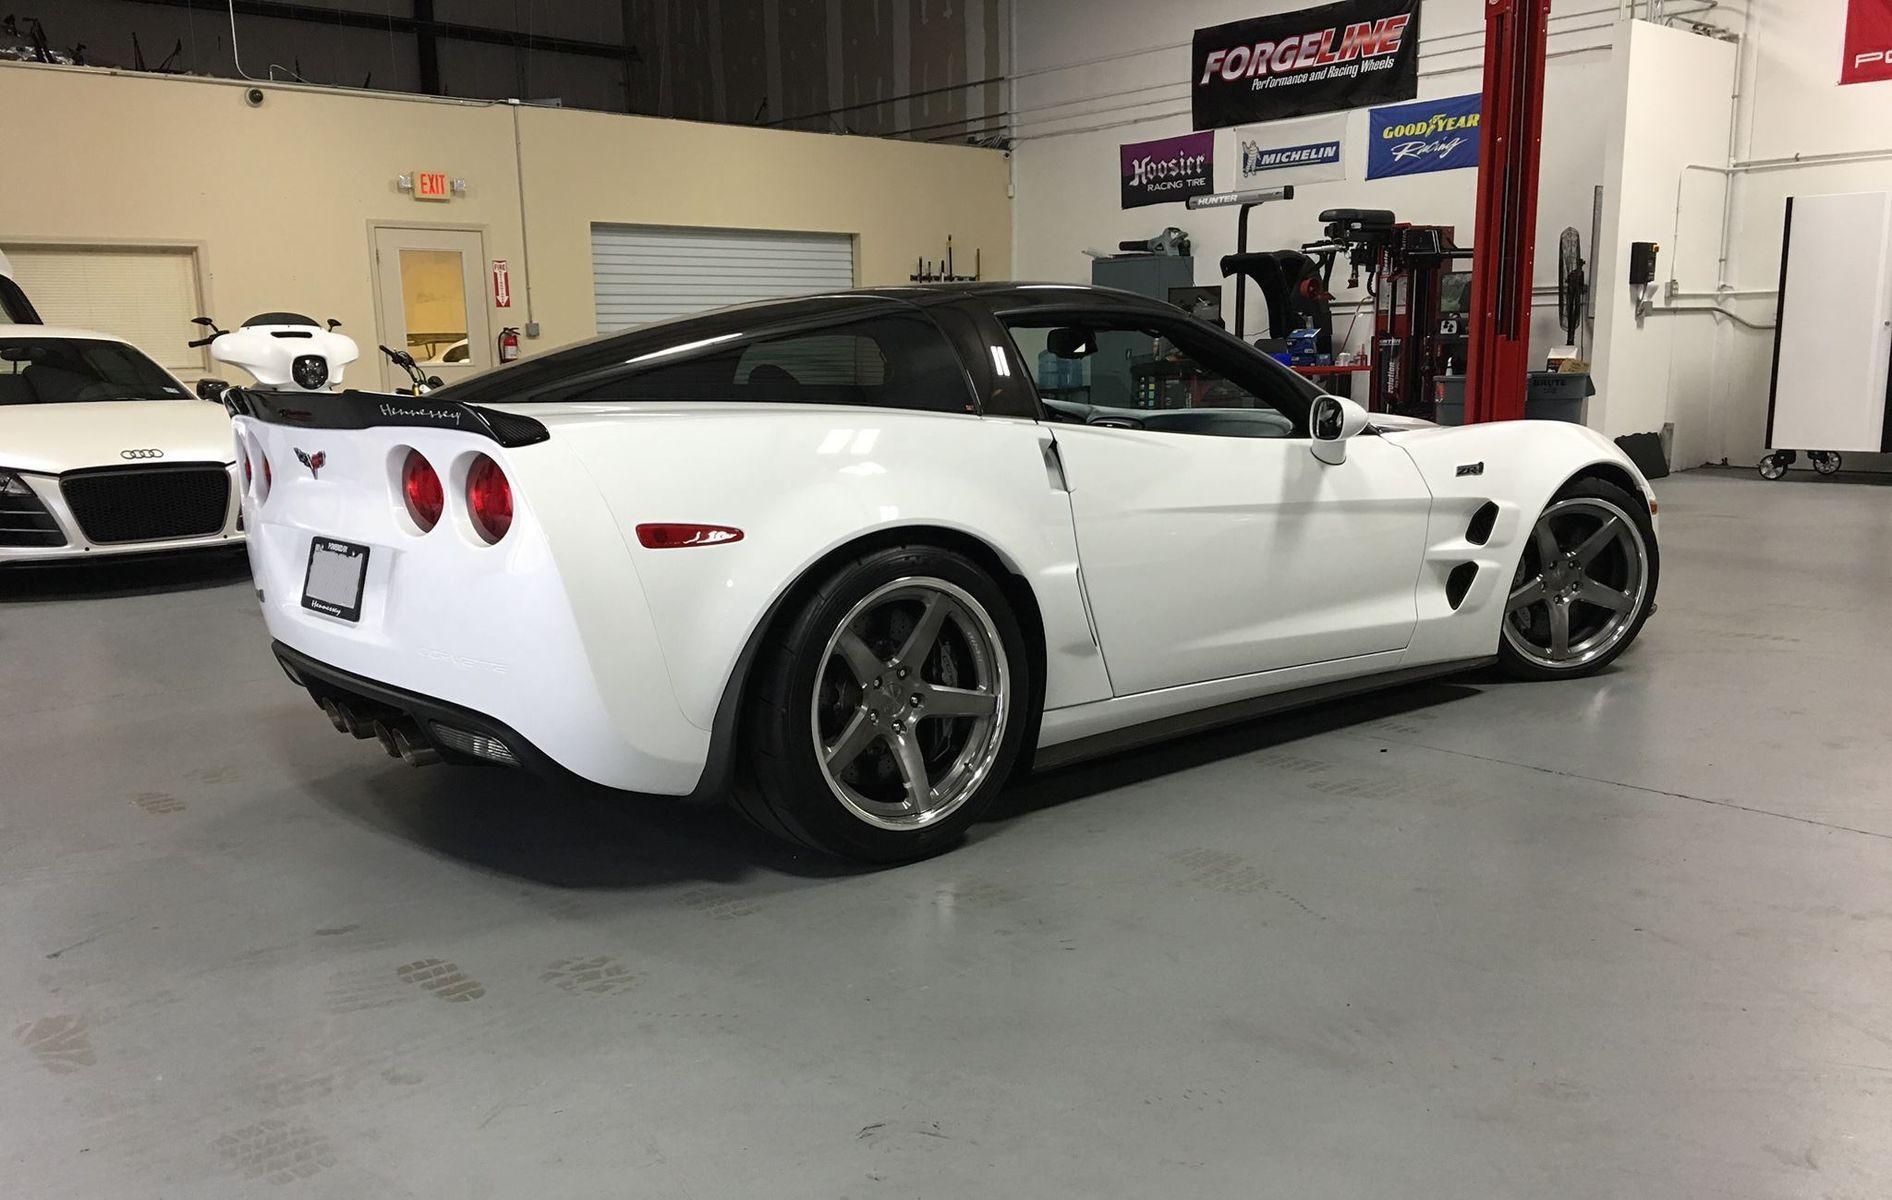 2012 Chevrolet Corvette ZR1 | Garett's Hennessey-Powered C6 Corvette ZR1 on Forgeline CF3C Concave Wheels